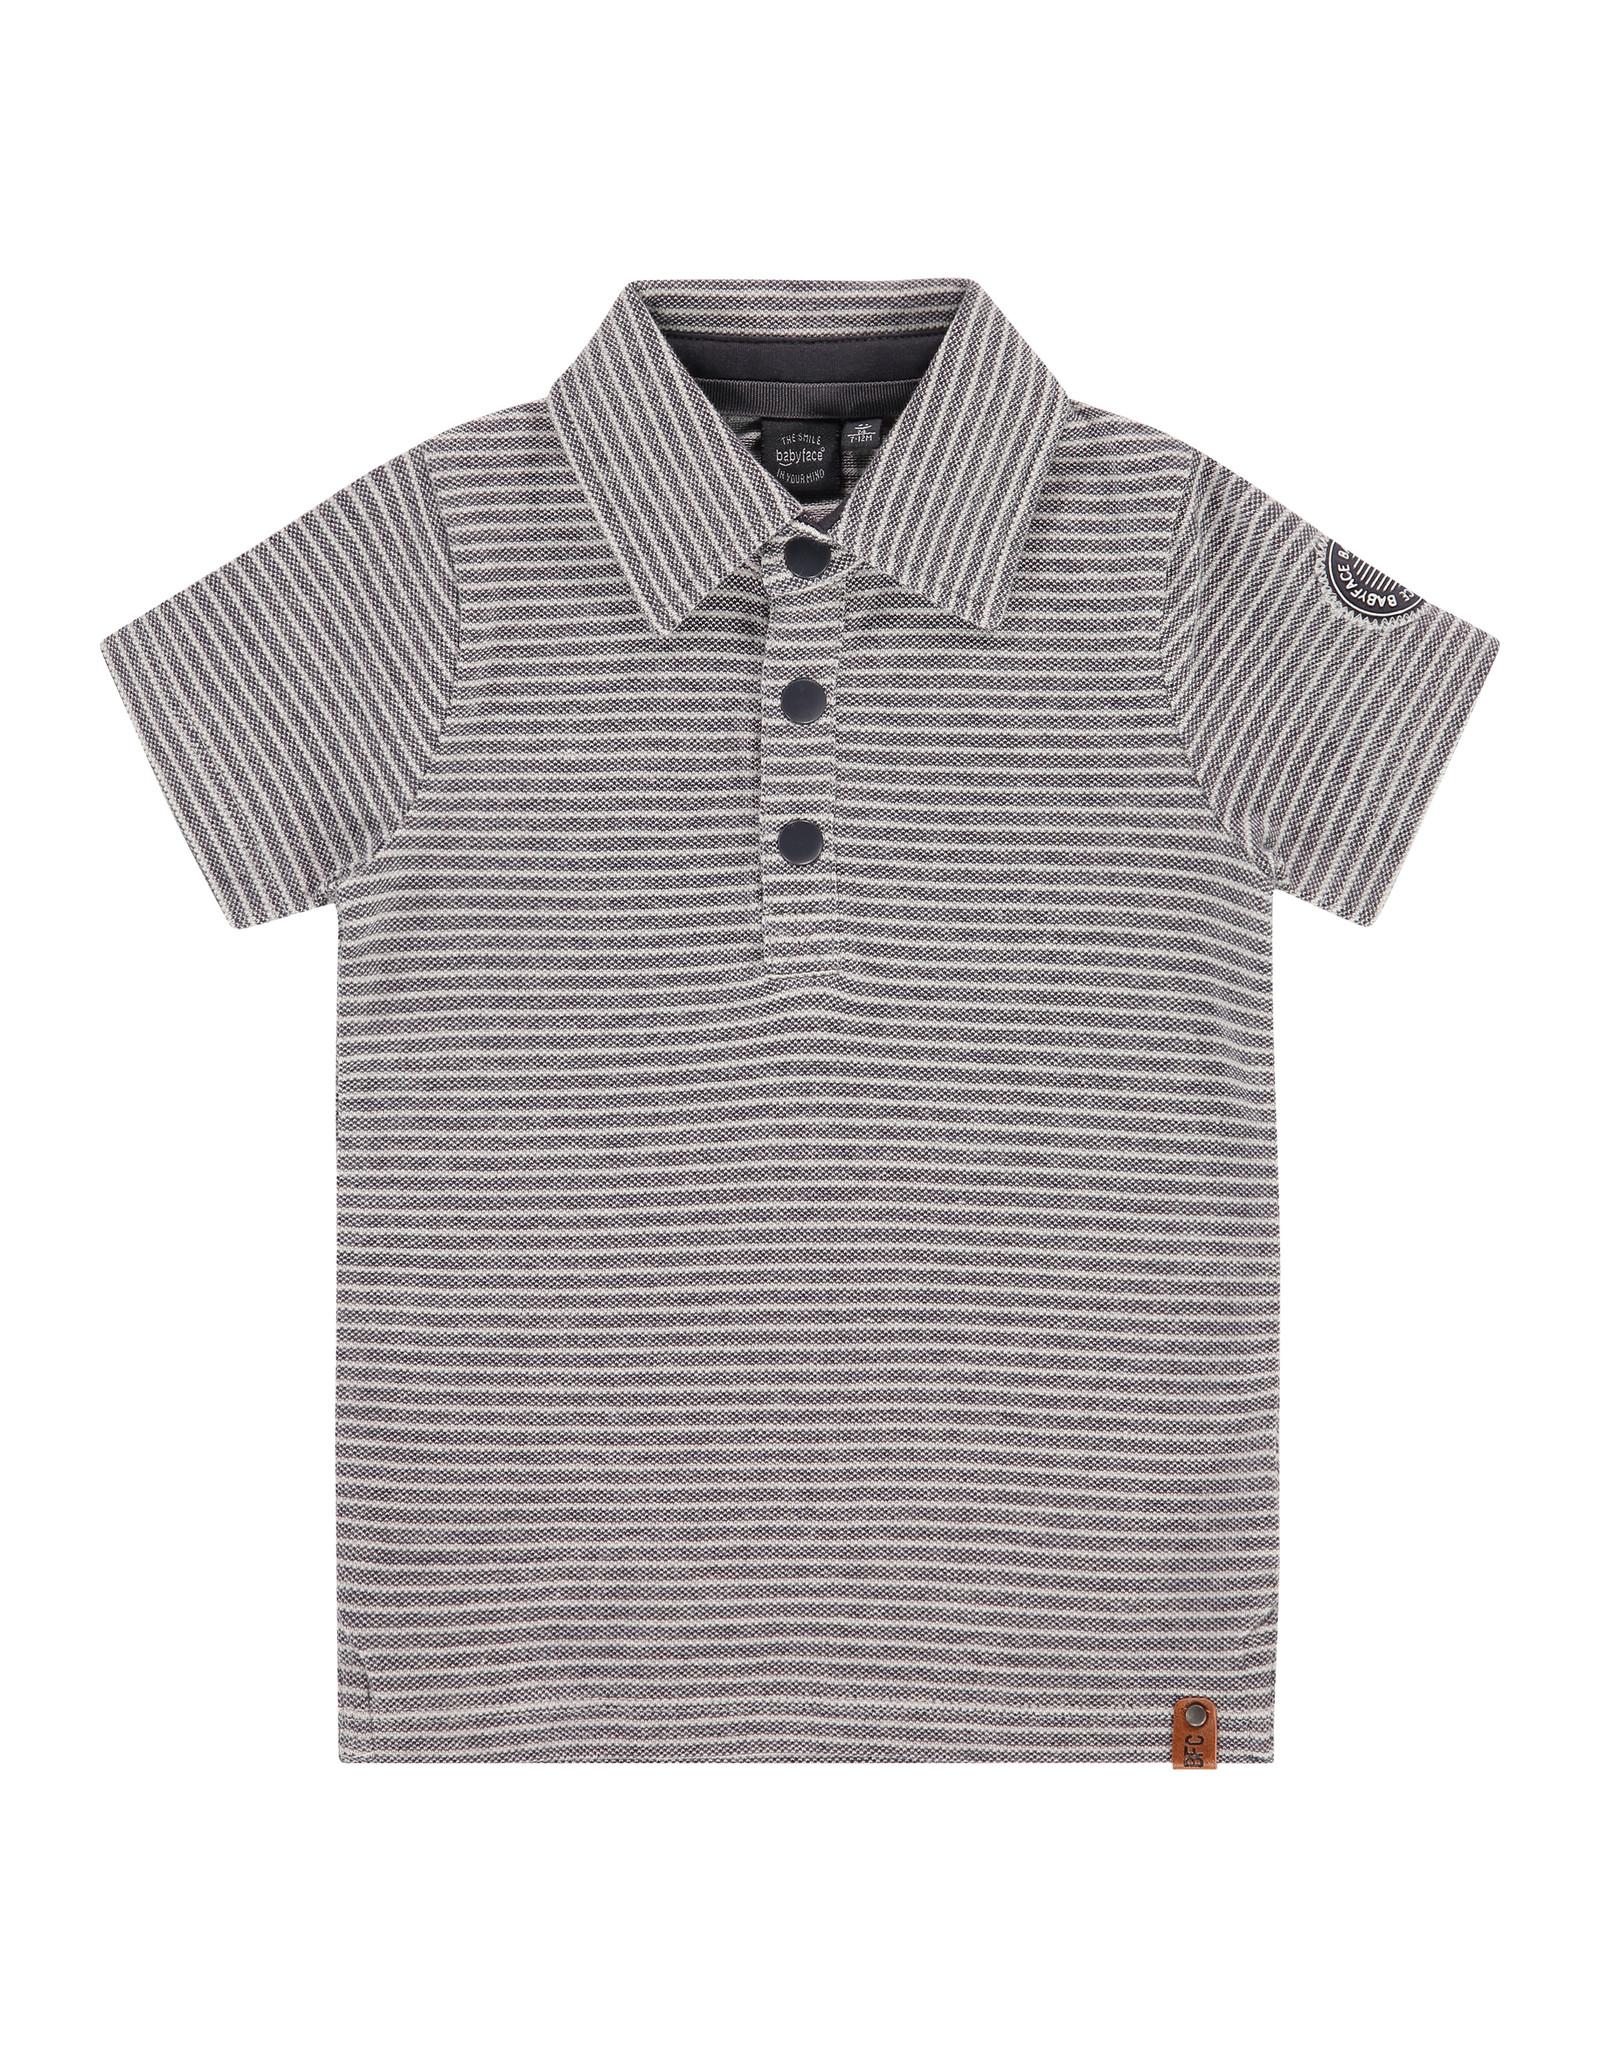 Babyface boys polo short sleeve, antra, BBE21207657